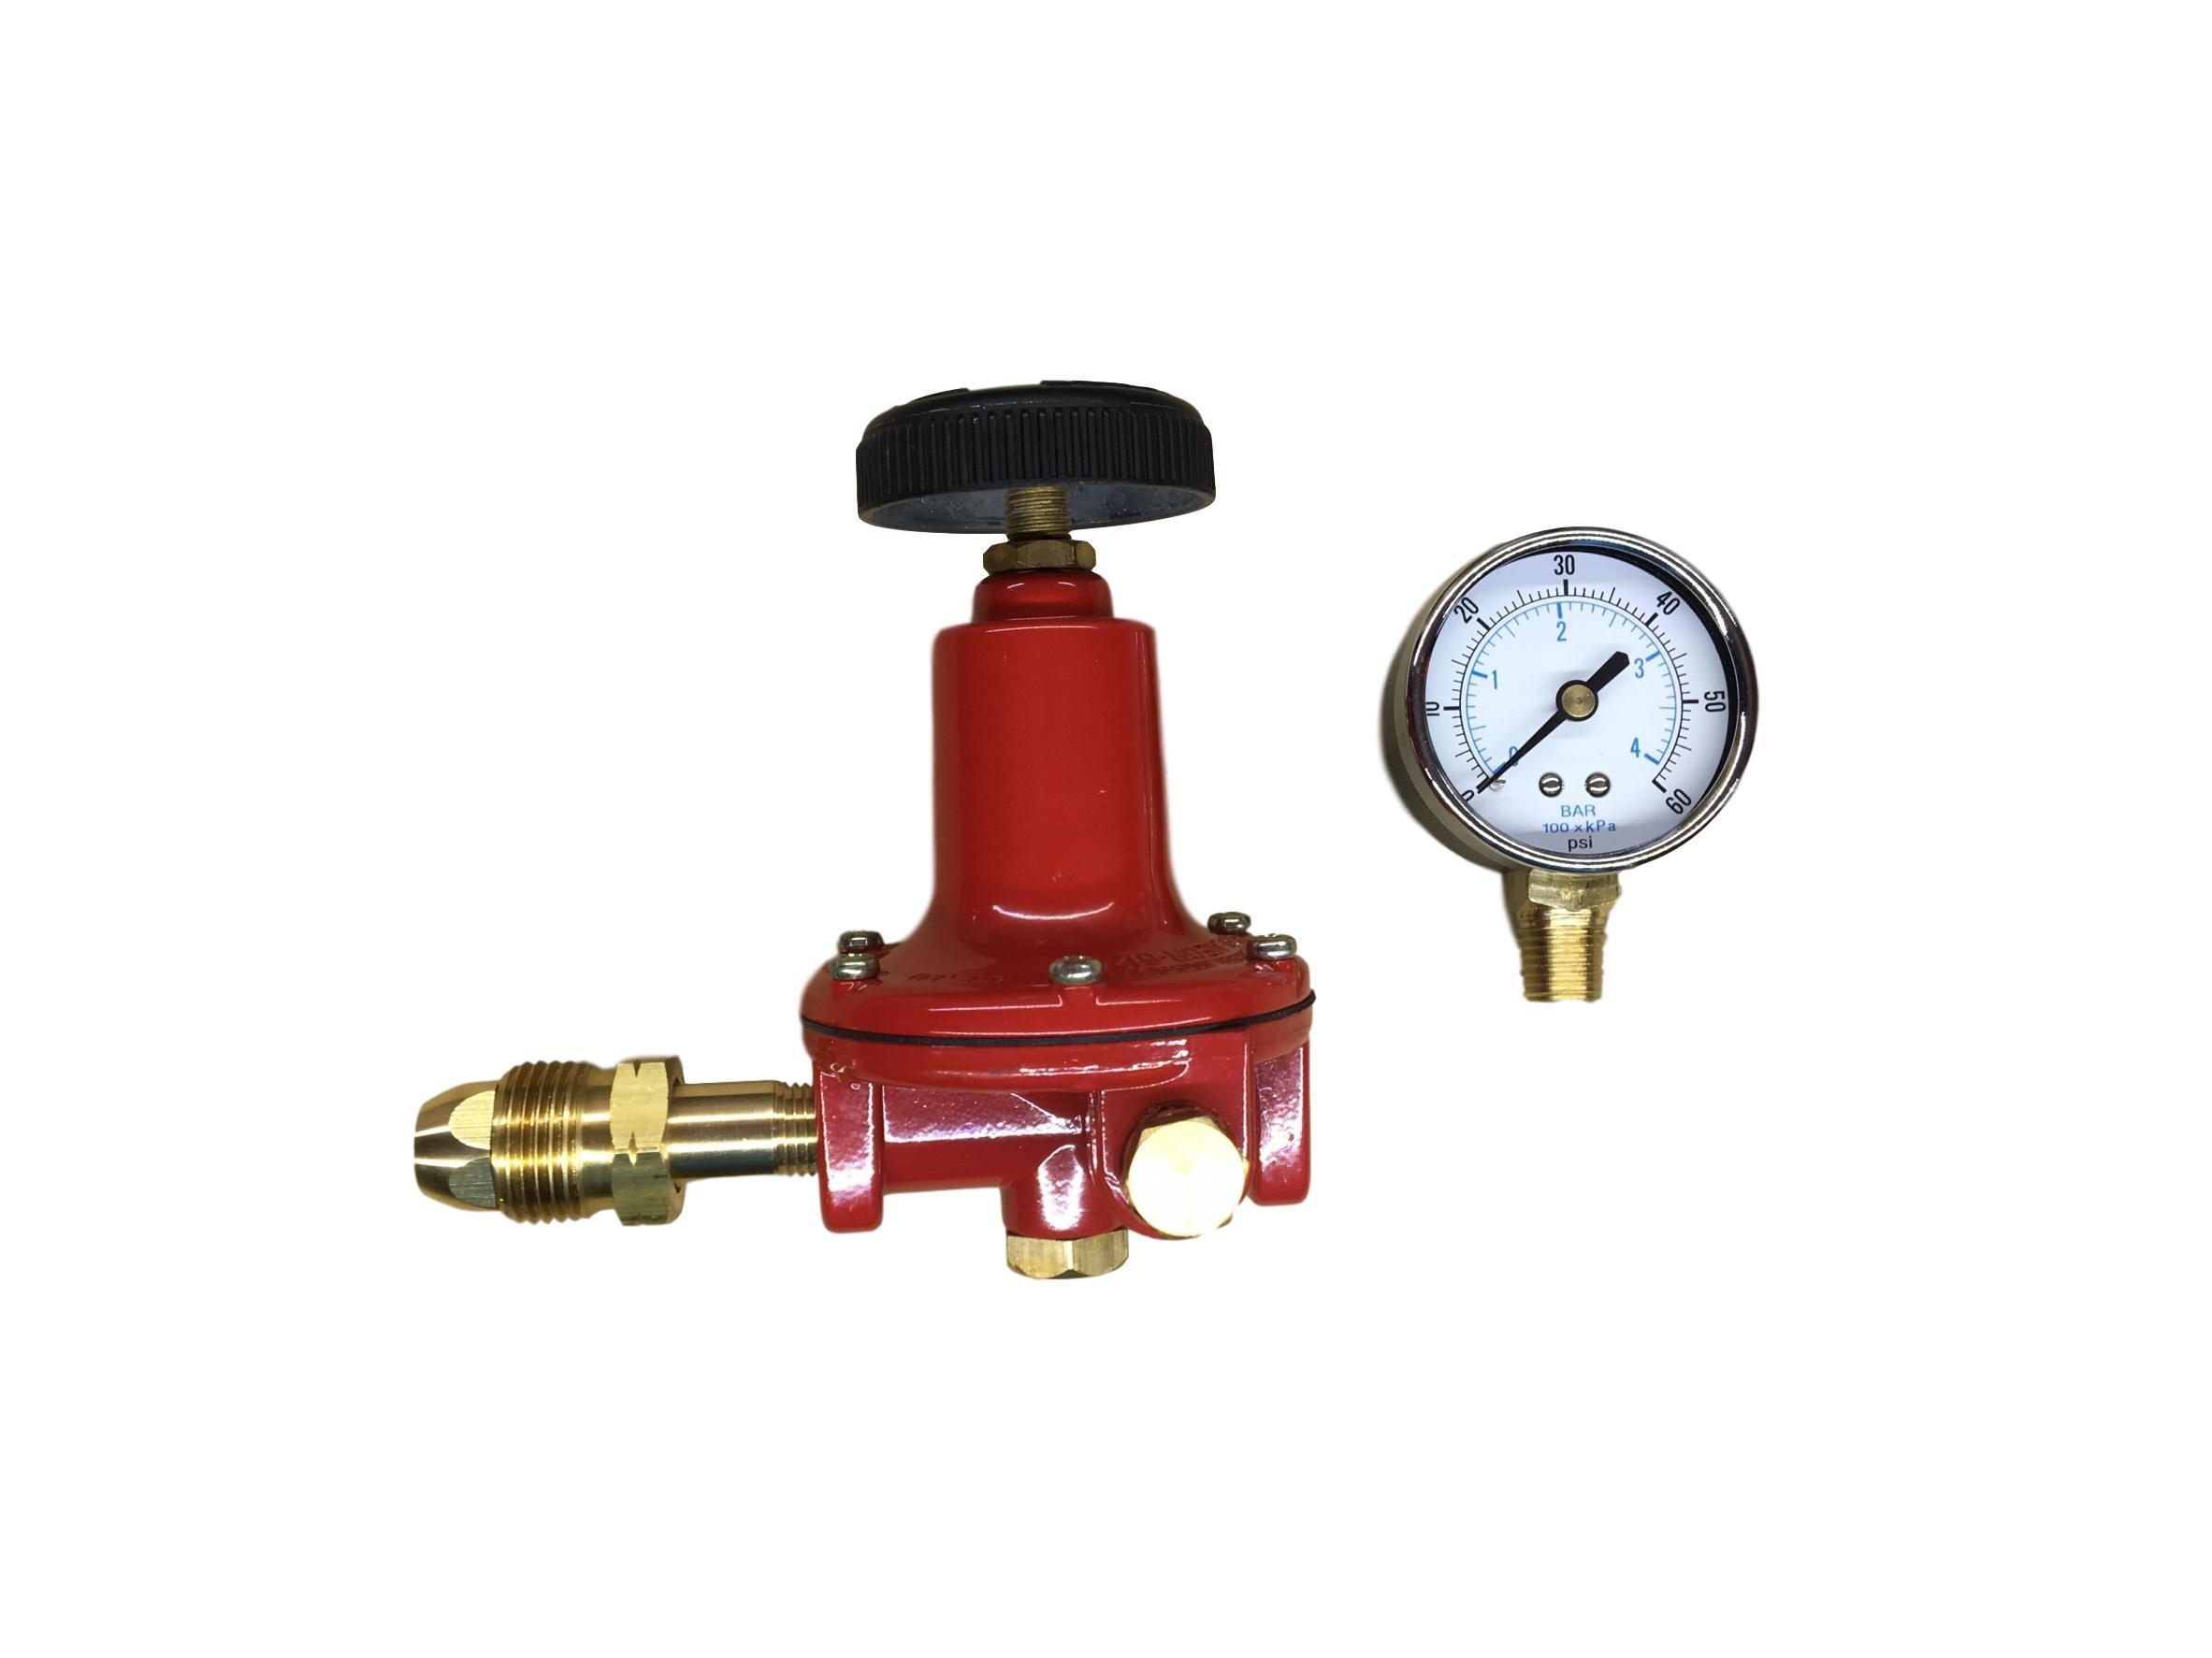 Propane LP Gas Adjustable 0-60psi High Pressure Regulator POL Connector and Gauge Marshall Excelsior